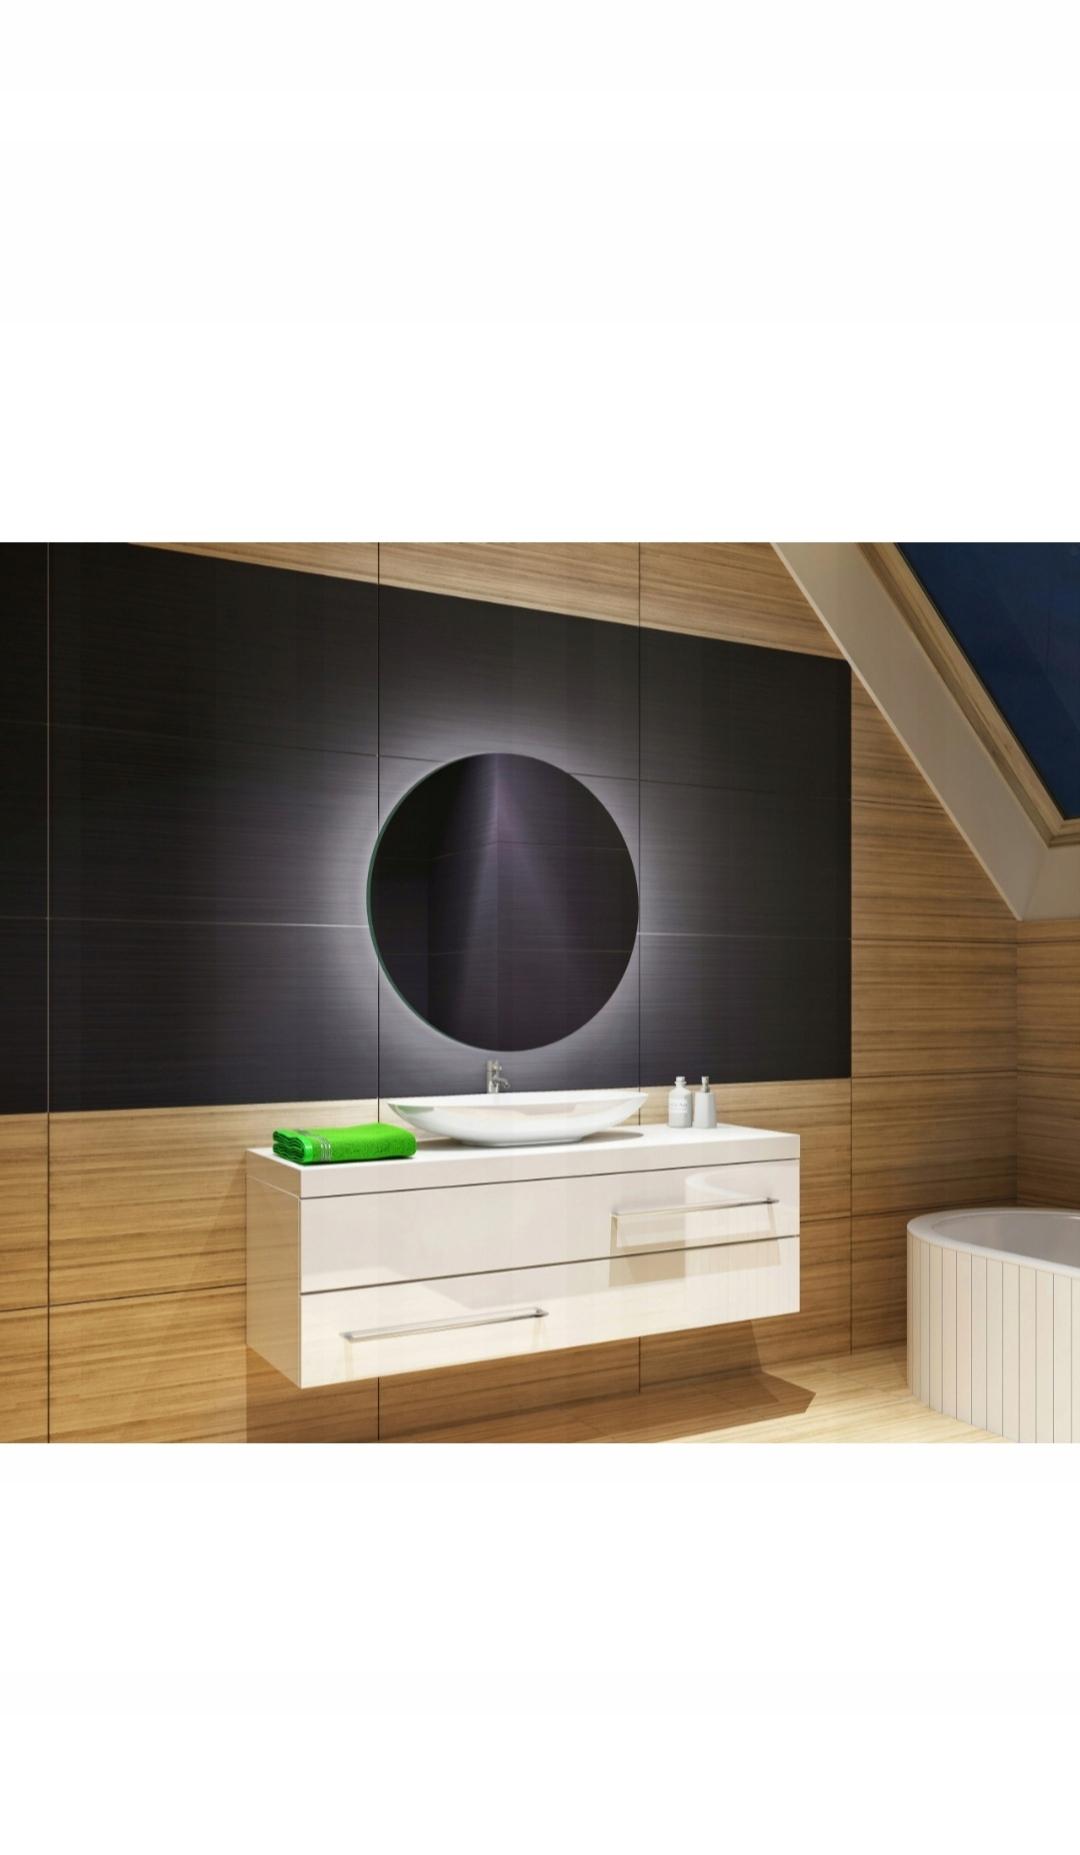 LED zrkadlo 60x60 okrúhle, dotyk studenej bielej farby